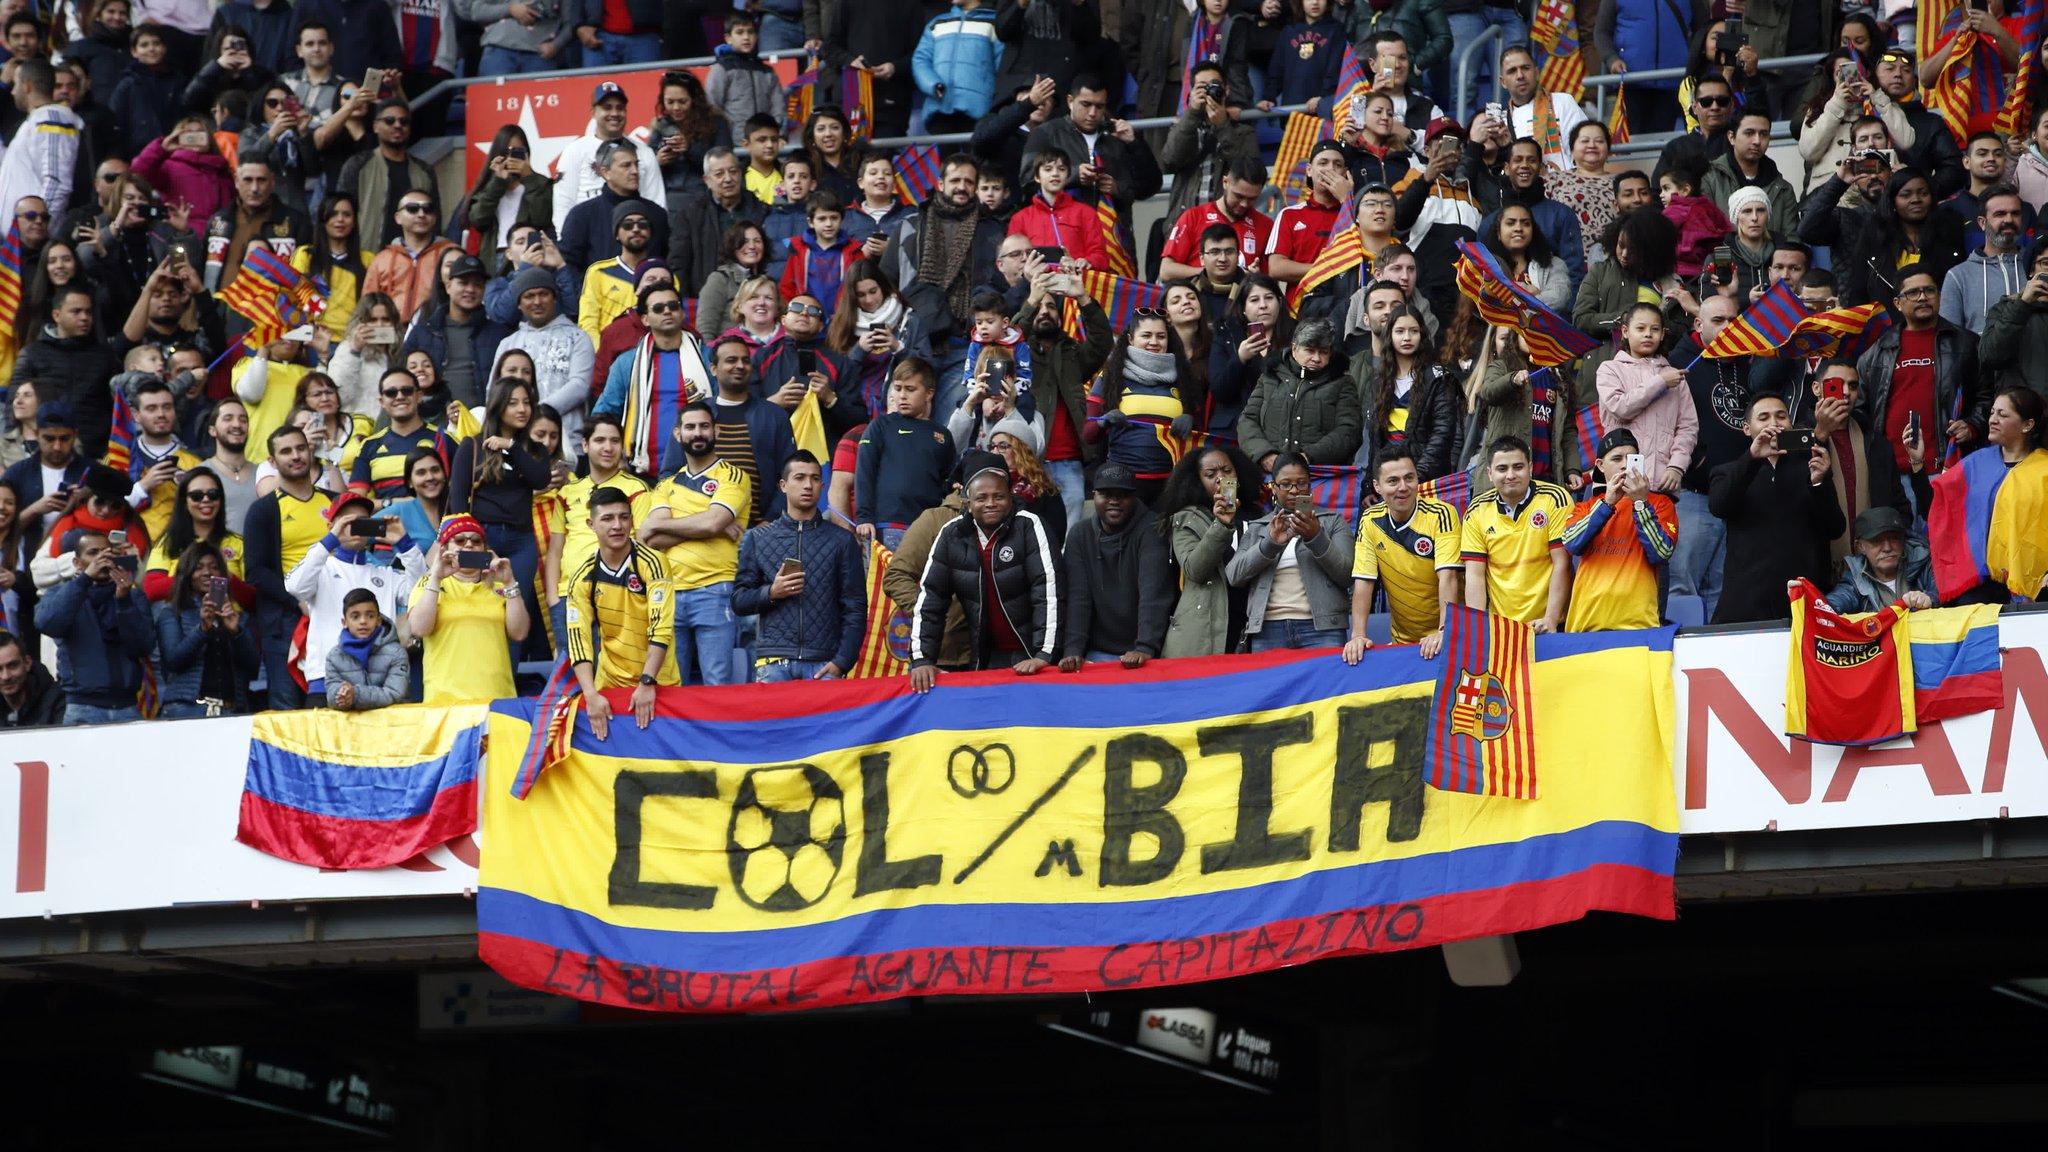 �� Yerry Mina �� Gran recibimiento de los culés en el Camp Nou ������  #BeBarça #ForçaBarça https://t.co/2qU6KTs2Bn